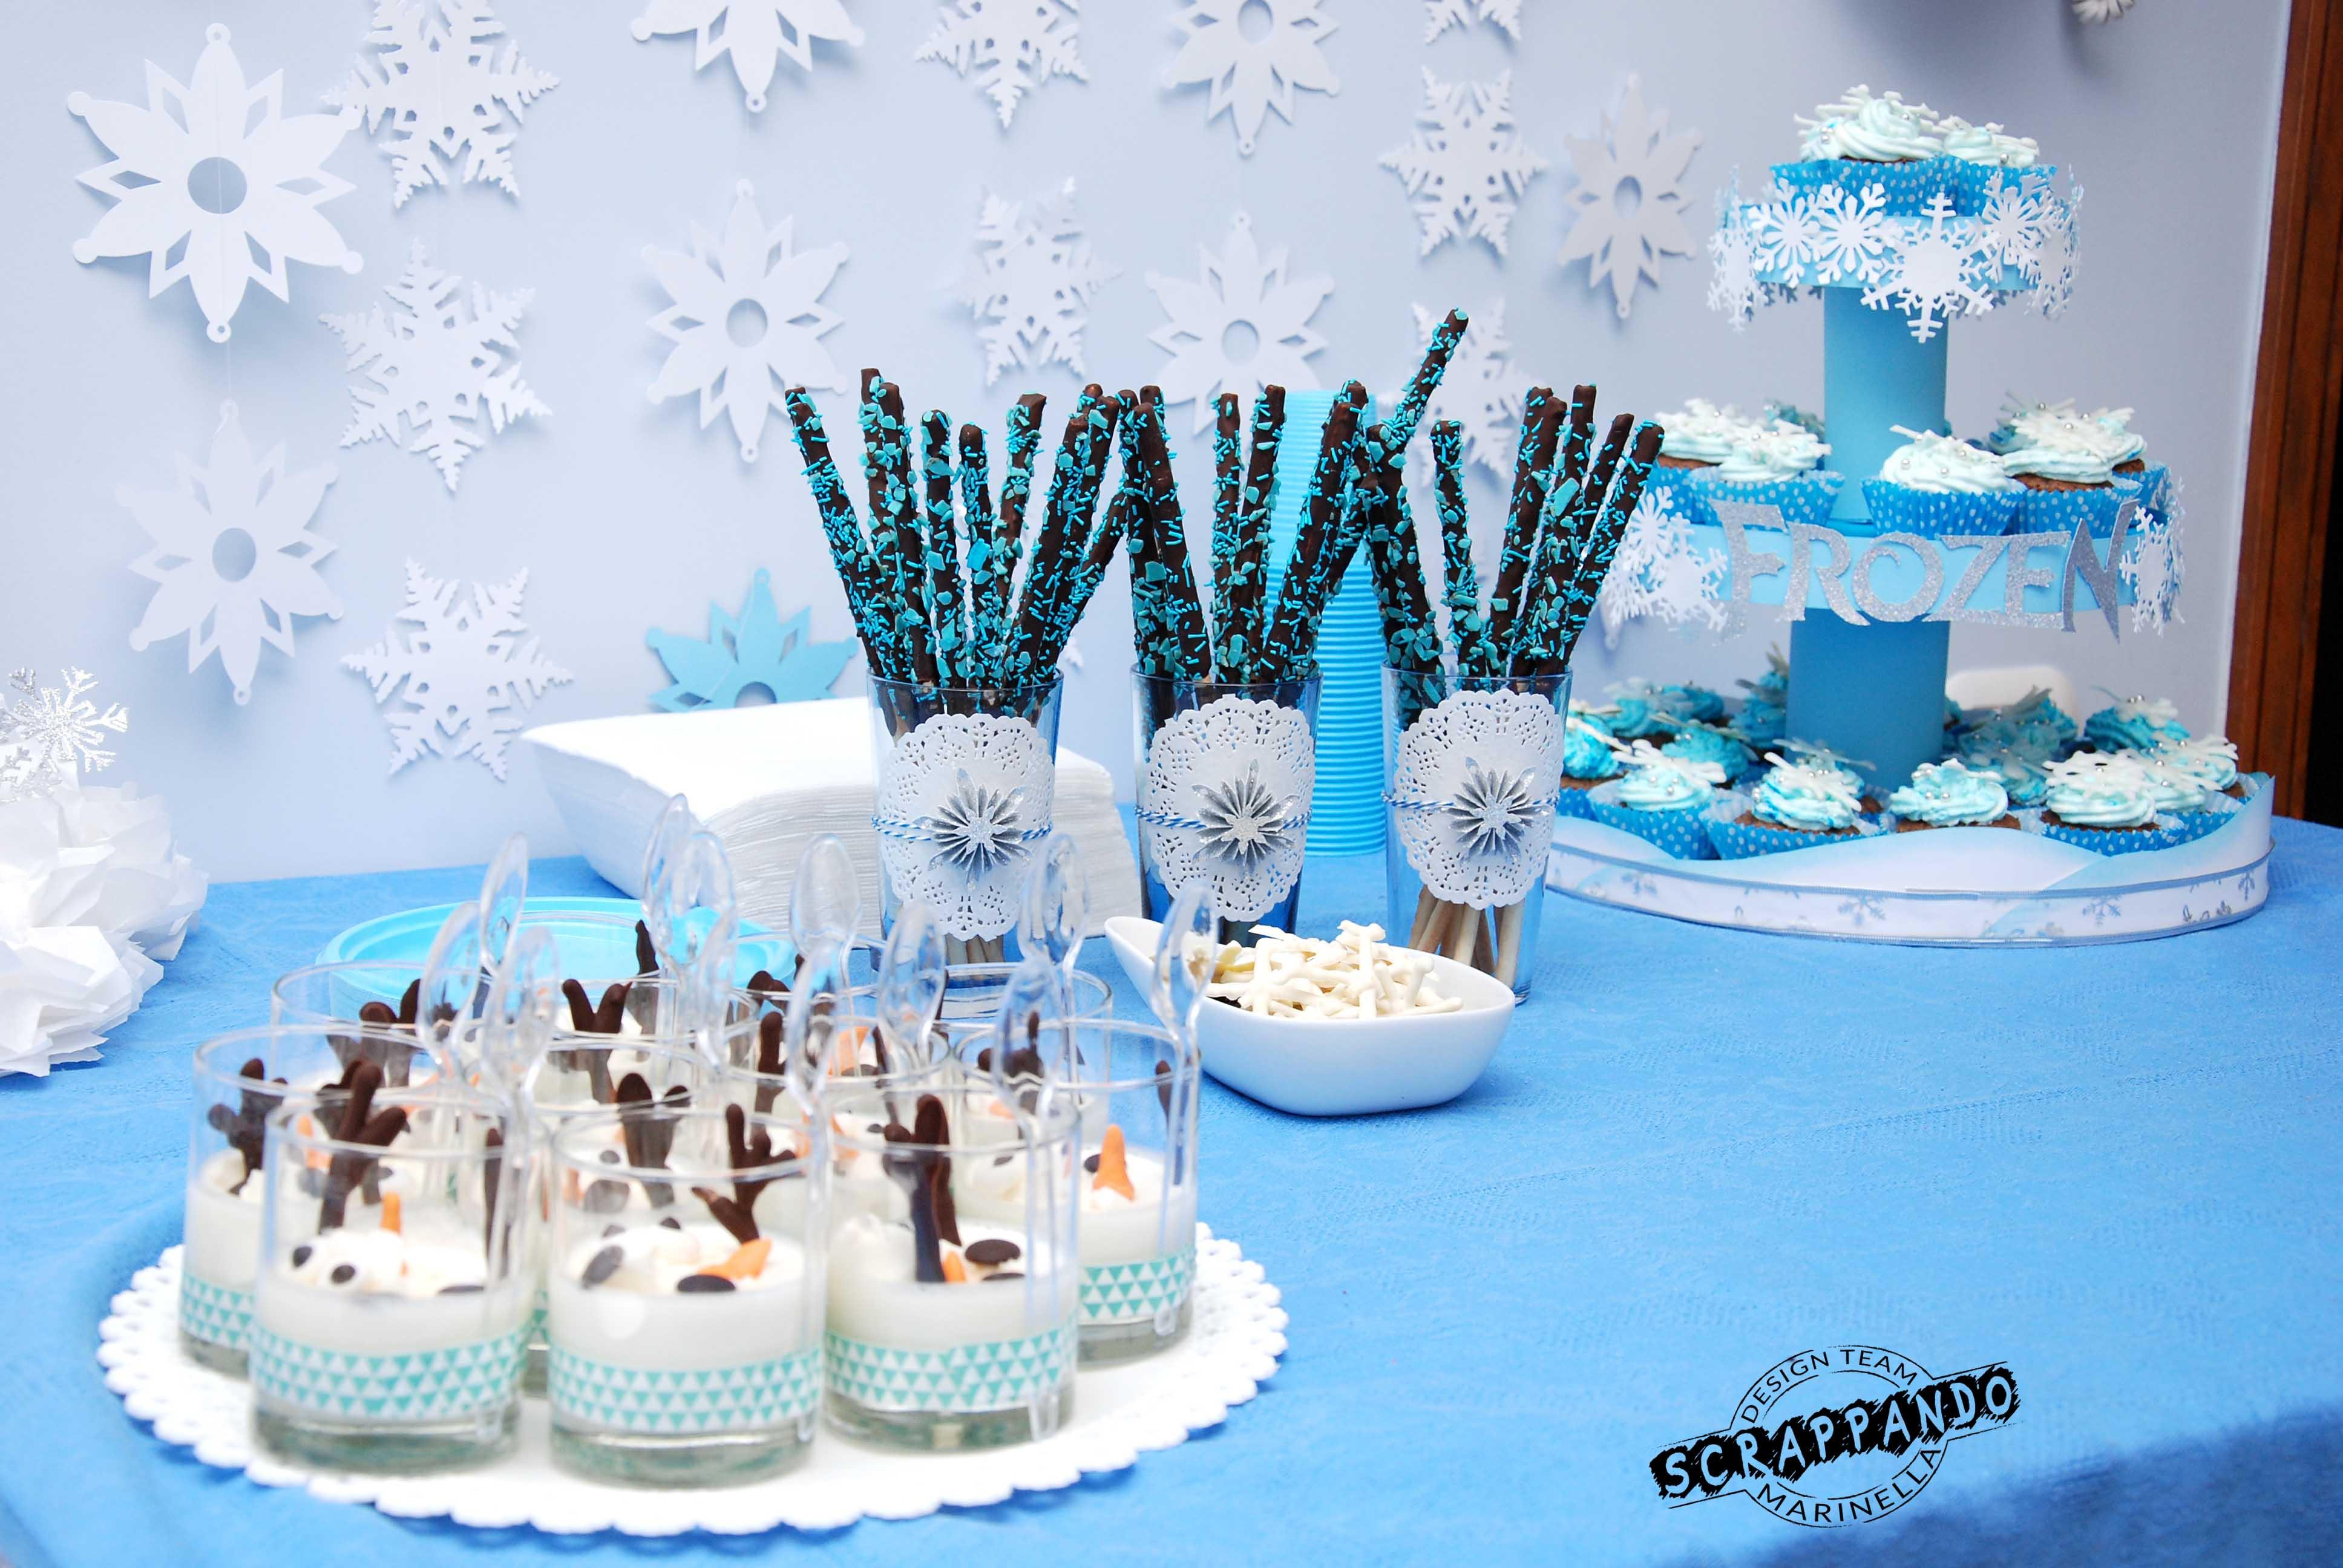 Decorazioni Da Tavolo Per Compleanno : Un compleanno nel regno di ghiaccio di frozen scrappando carta